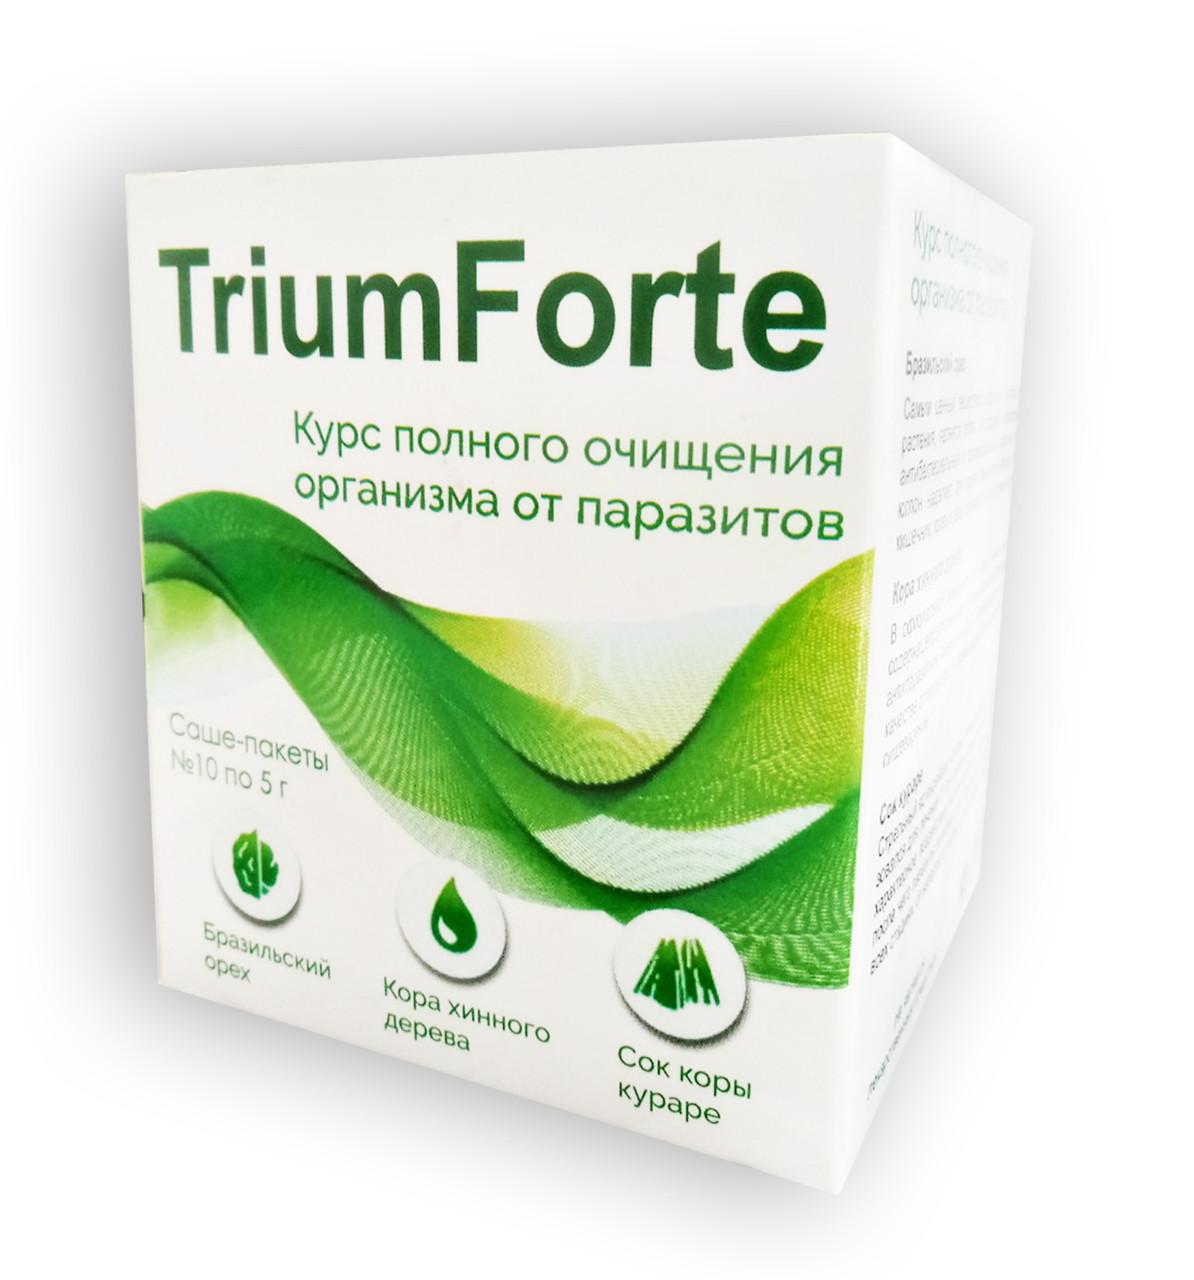 TriumForte - Комплекс от паразитов и глистов (ТриумФорте) 203125